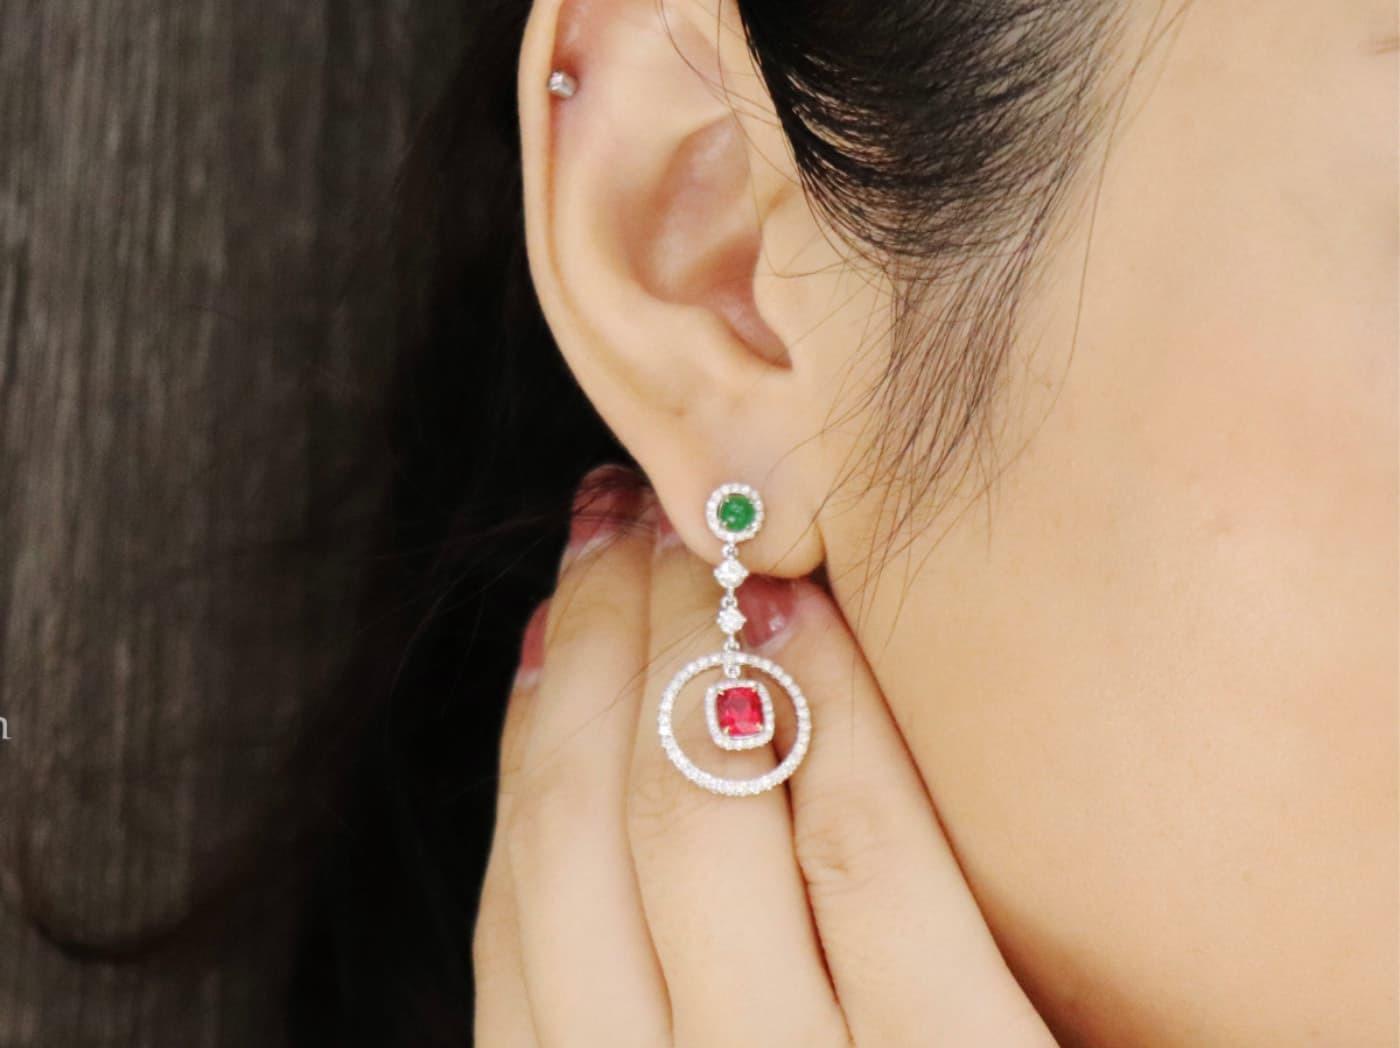 暖色調肌戴色彩鮮豔的寶石可以增加氣色。